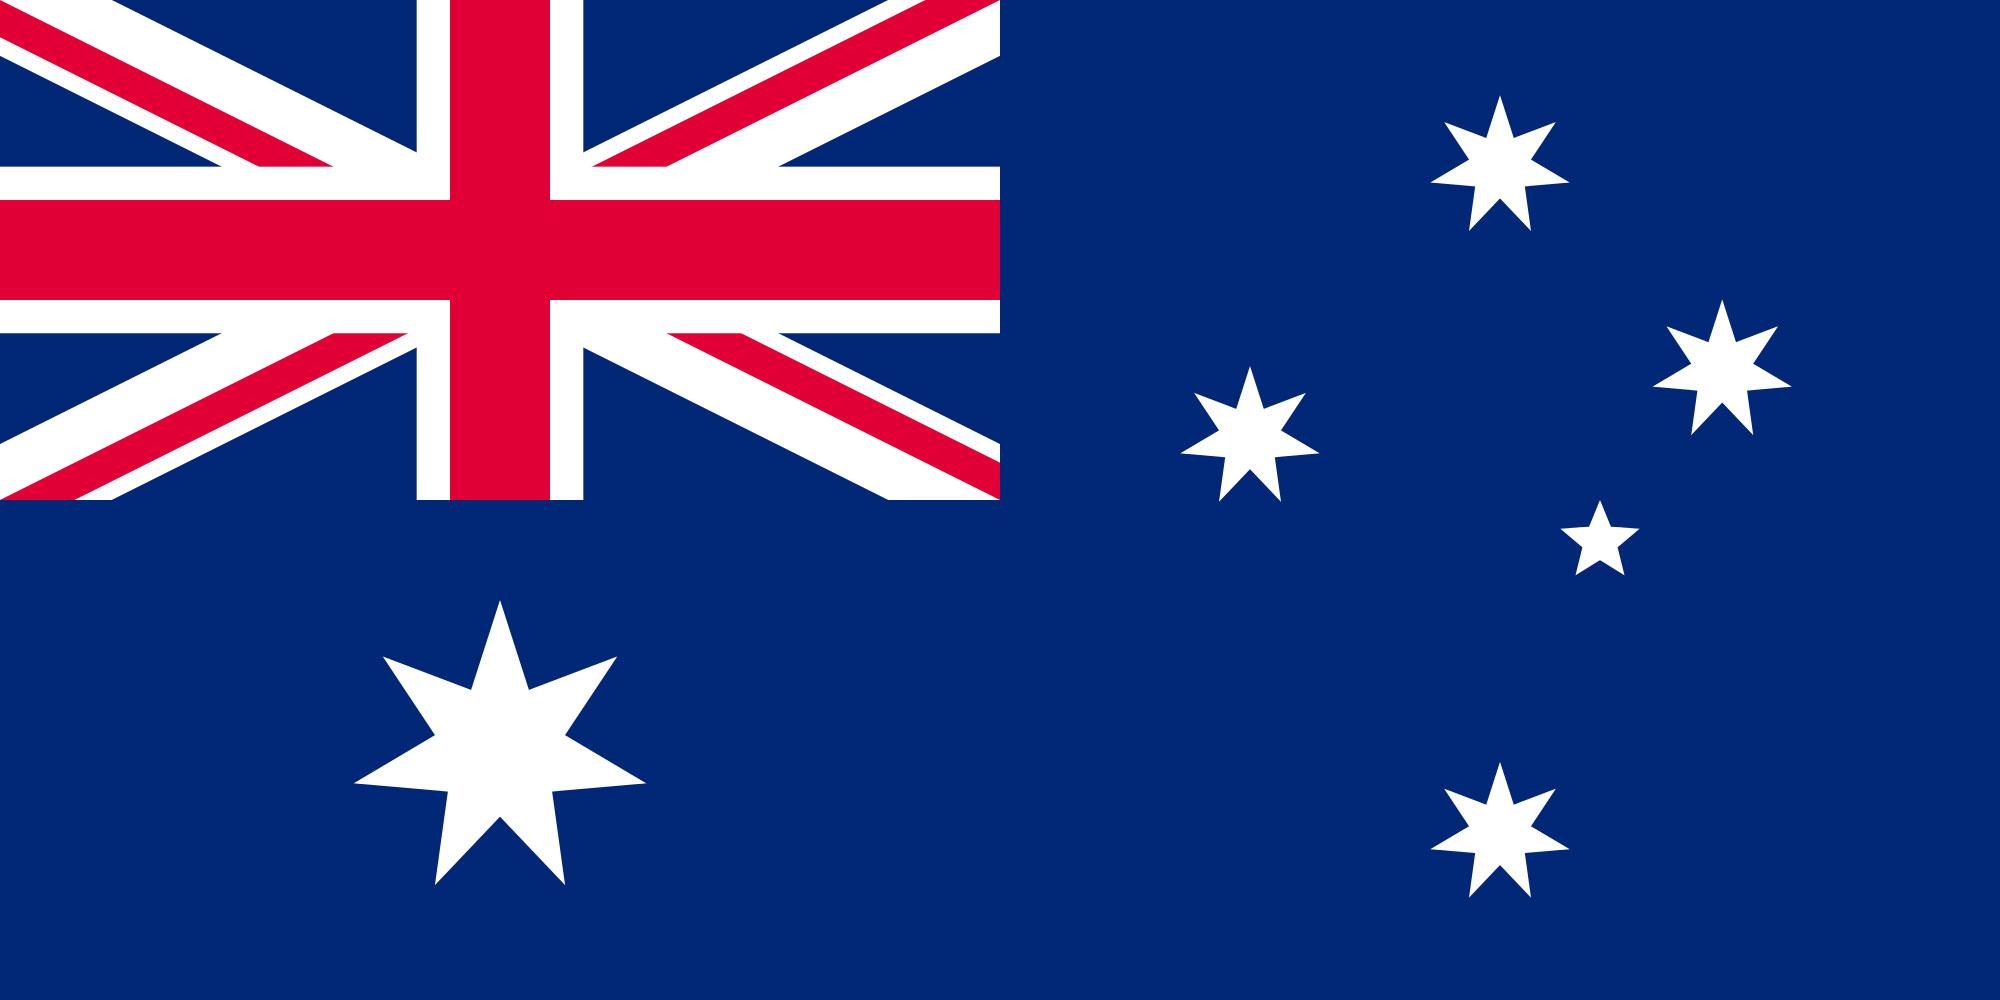 Australie - Drapeau